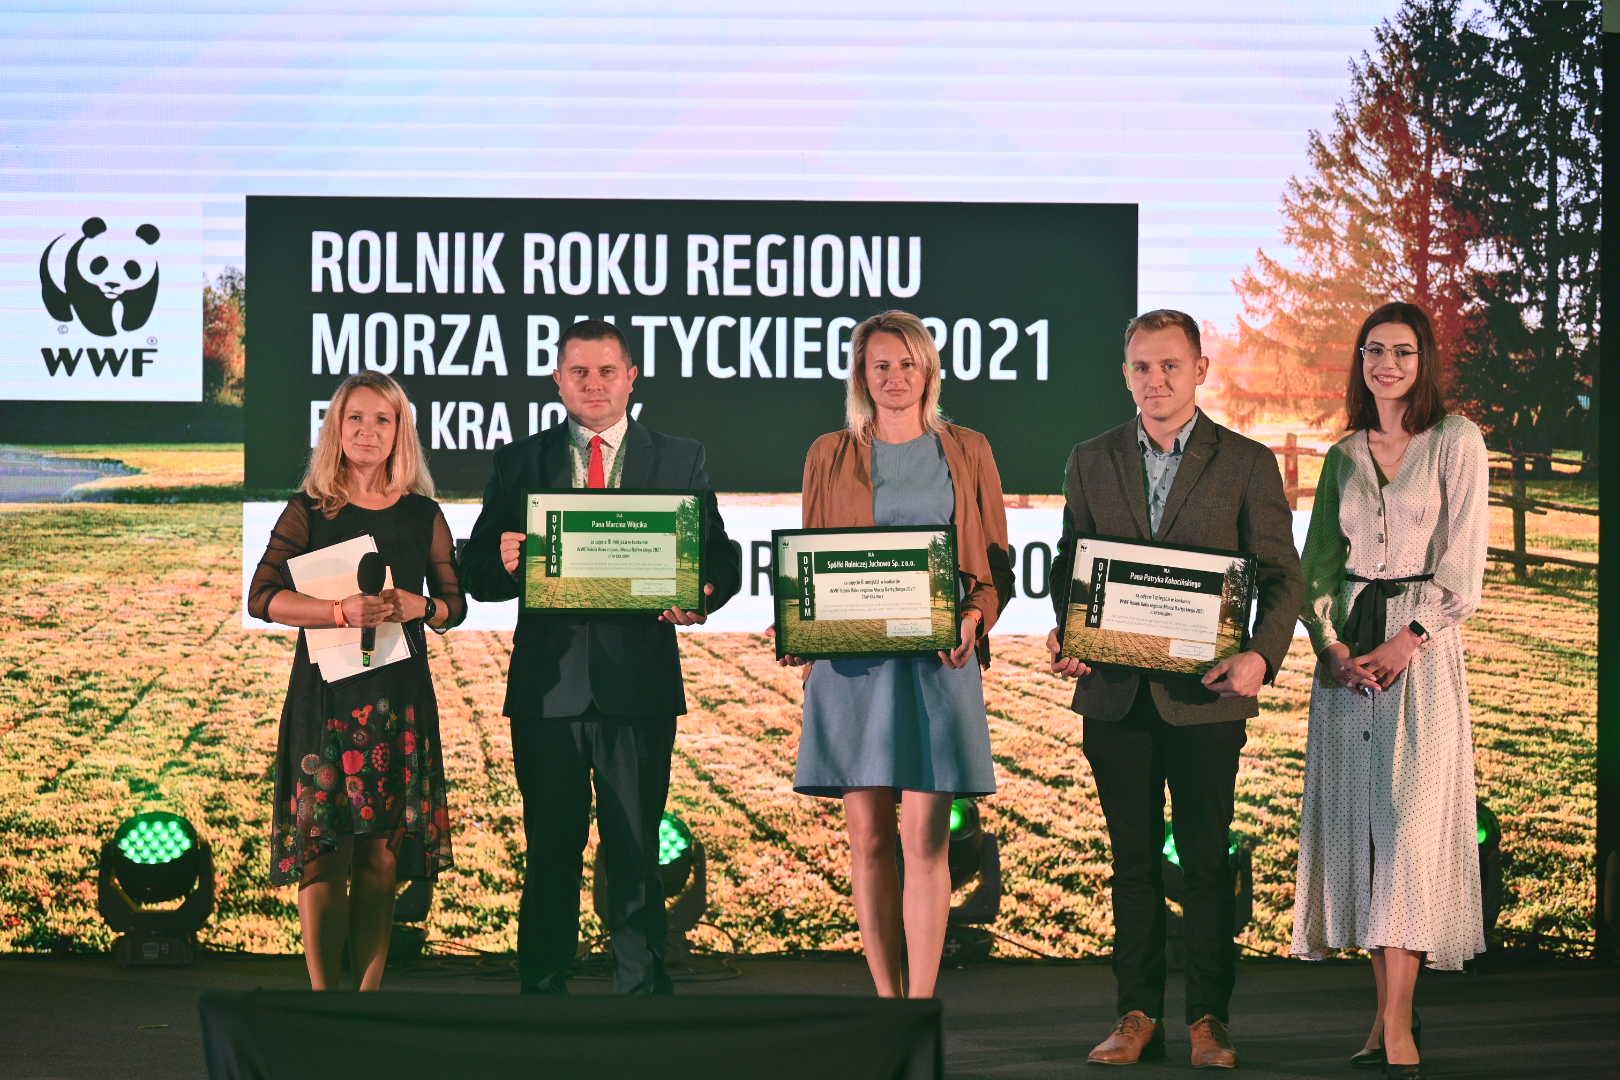 Laureaci konkursu, fot. M. Kmieciński